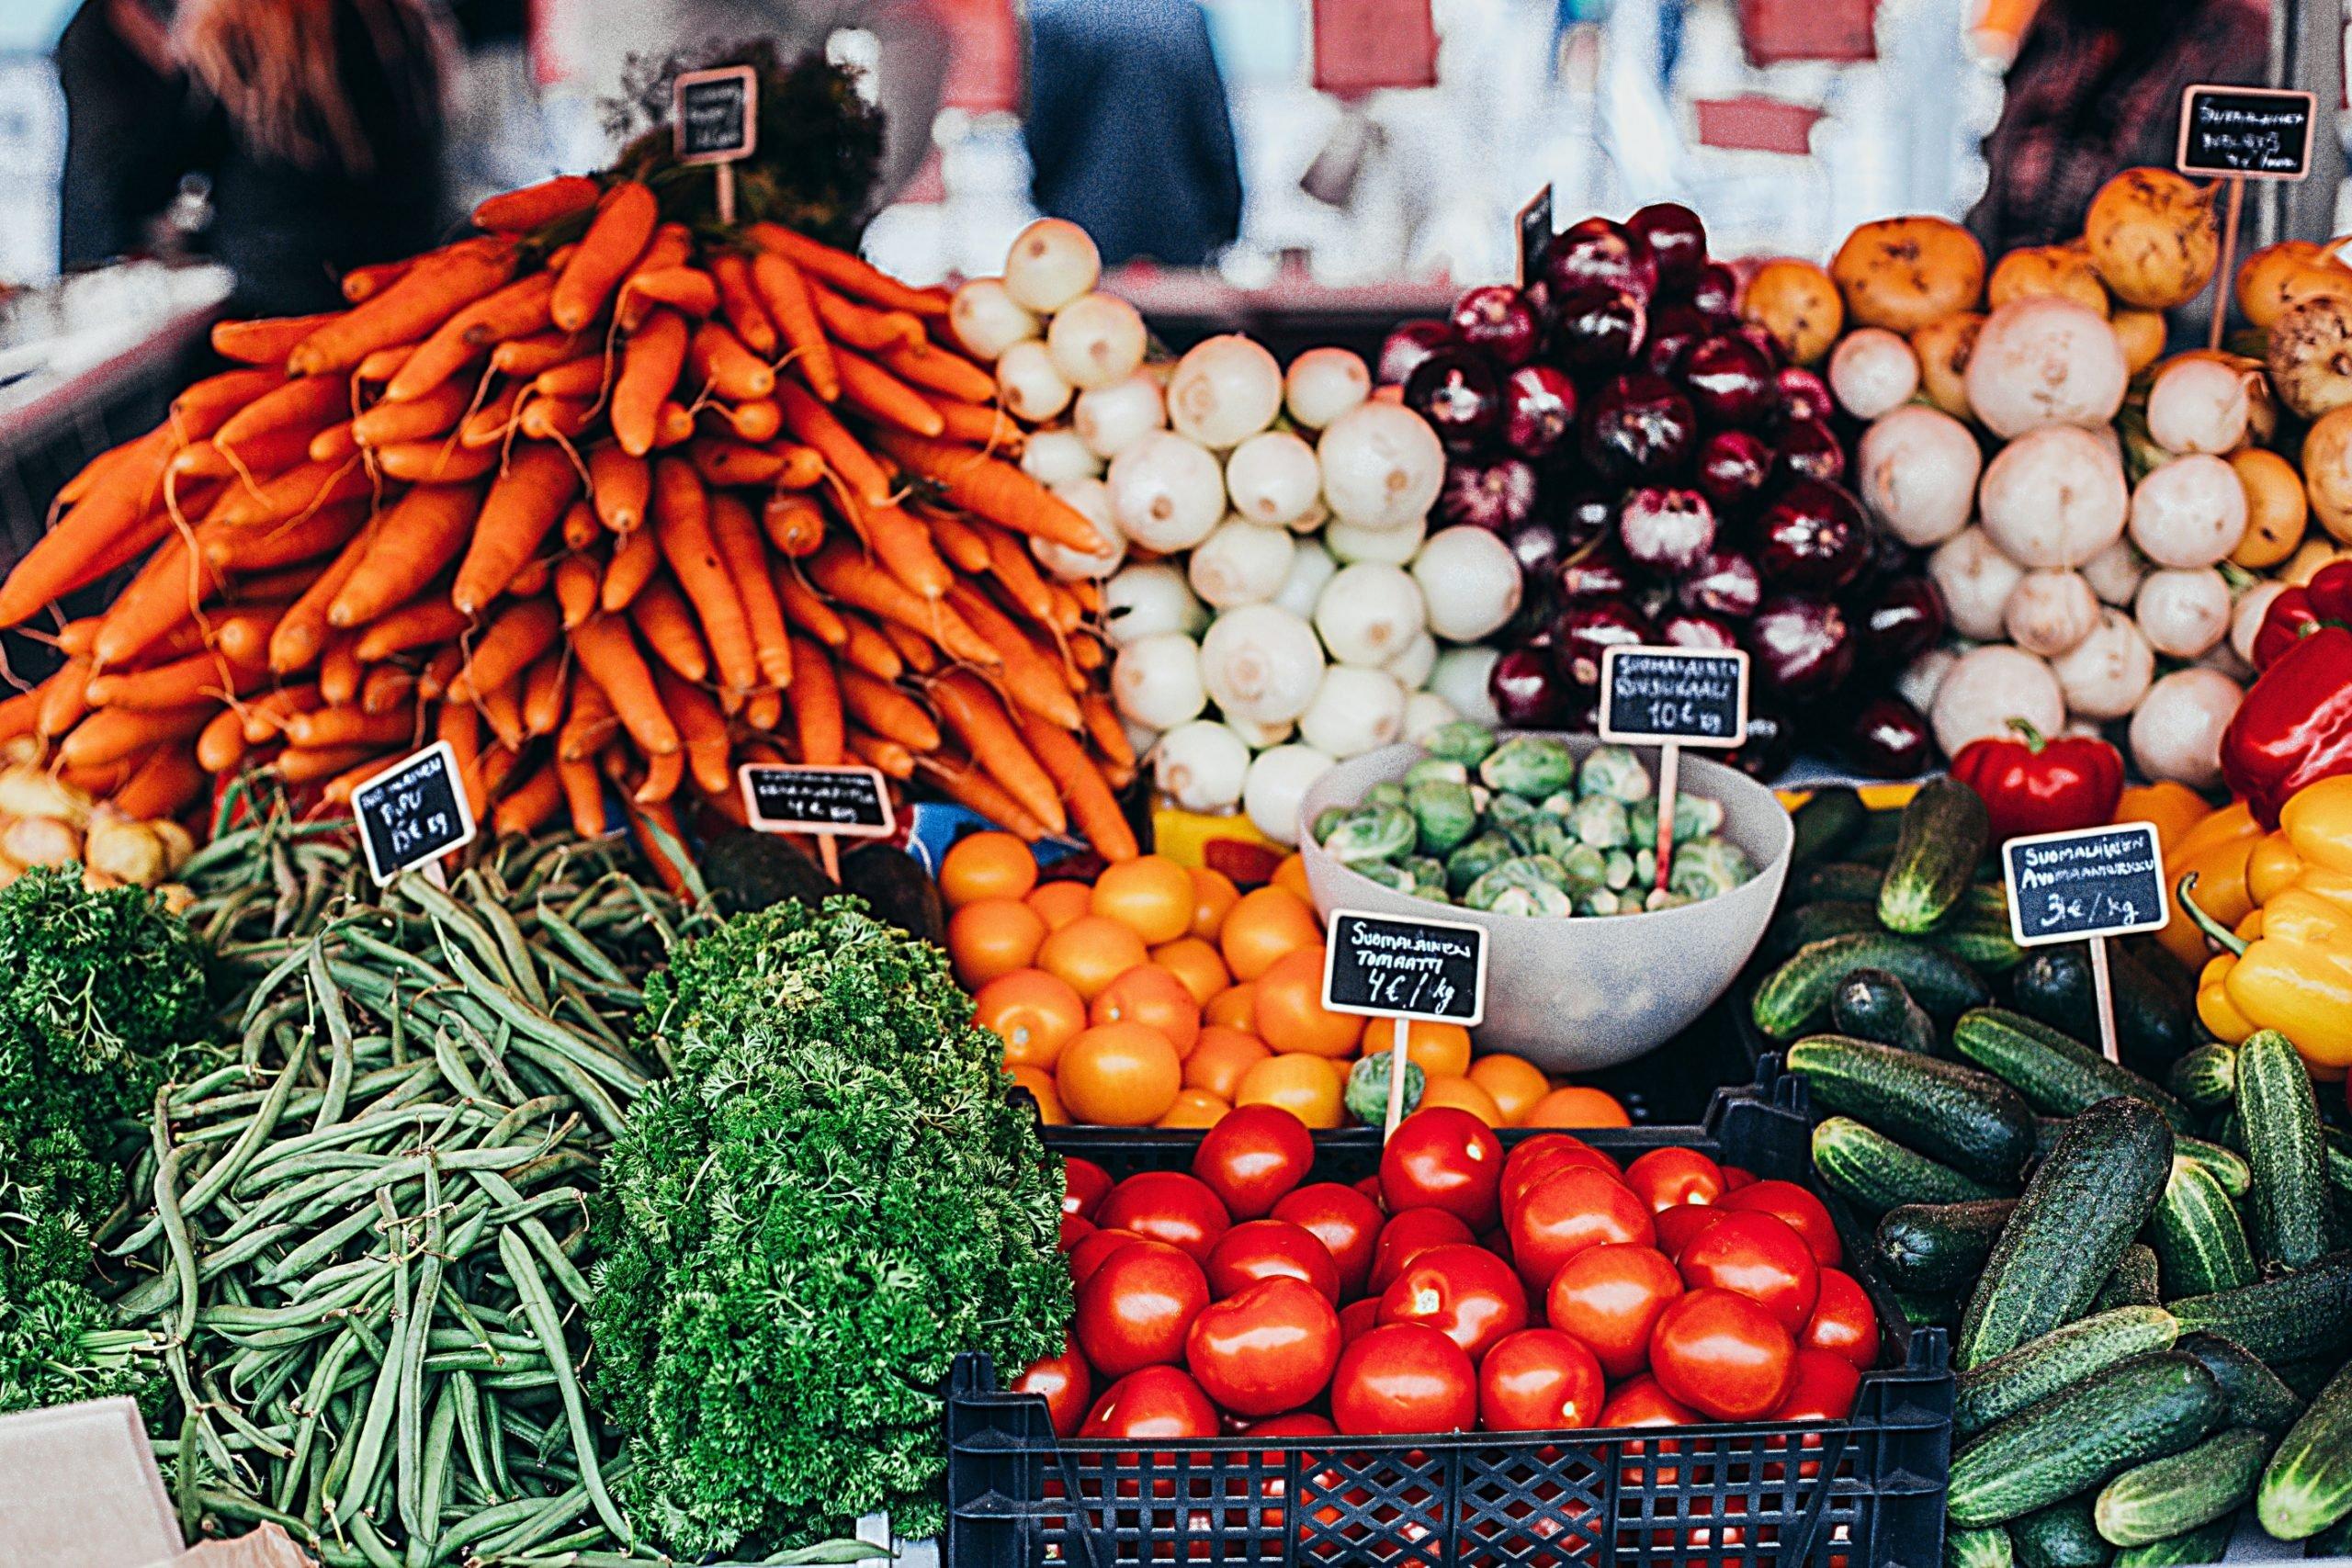 Lebensmittel einkaufen: tolle Hinweise